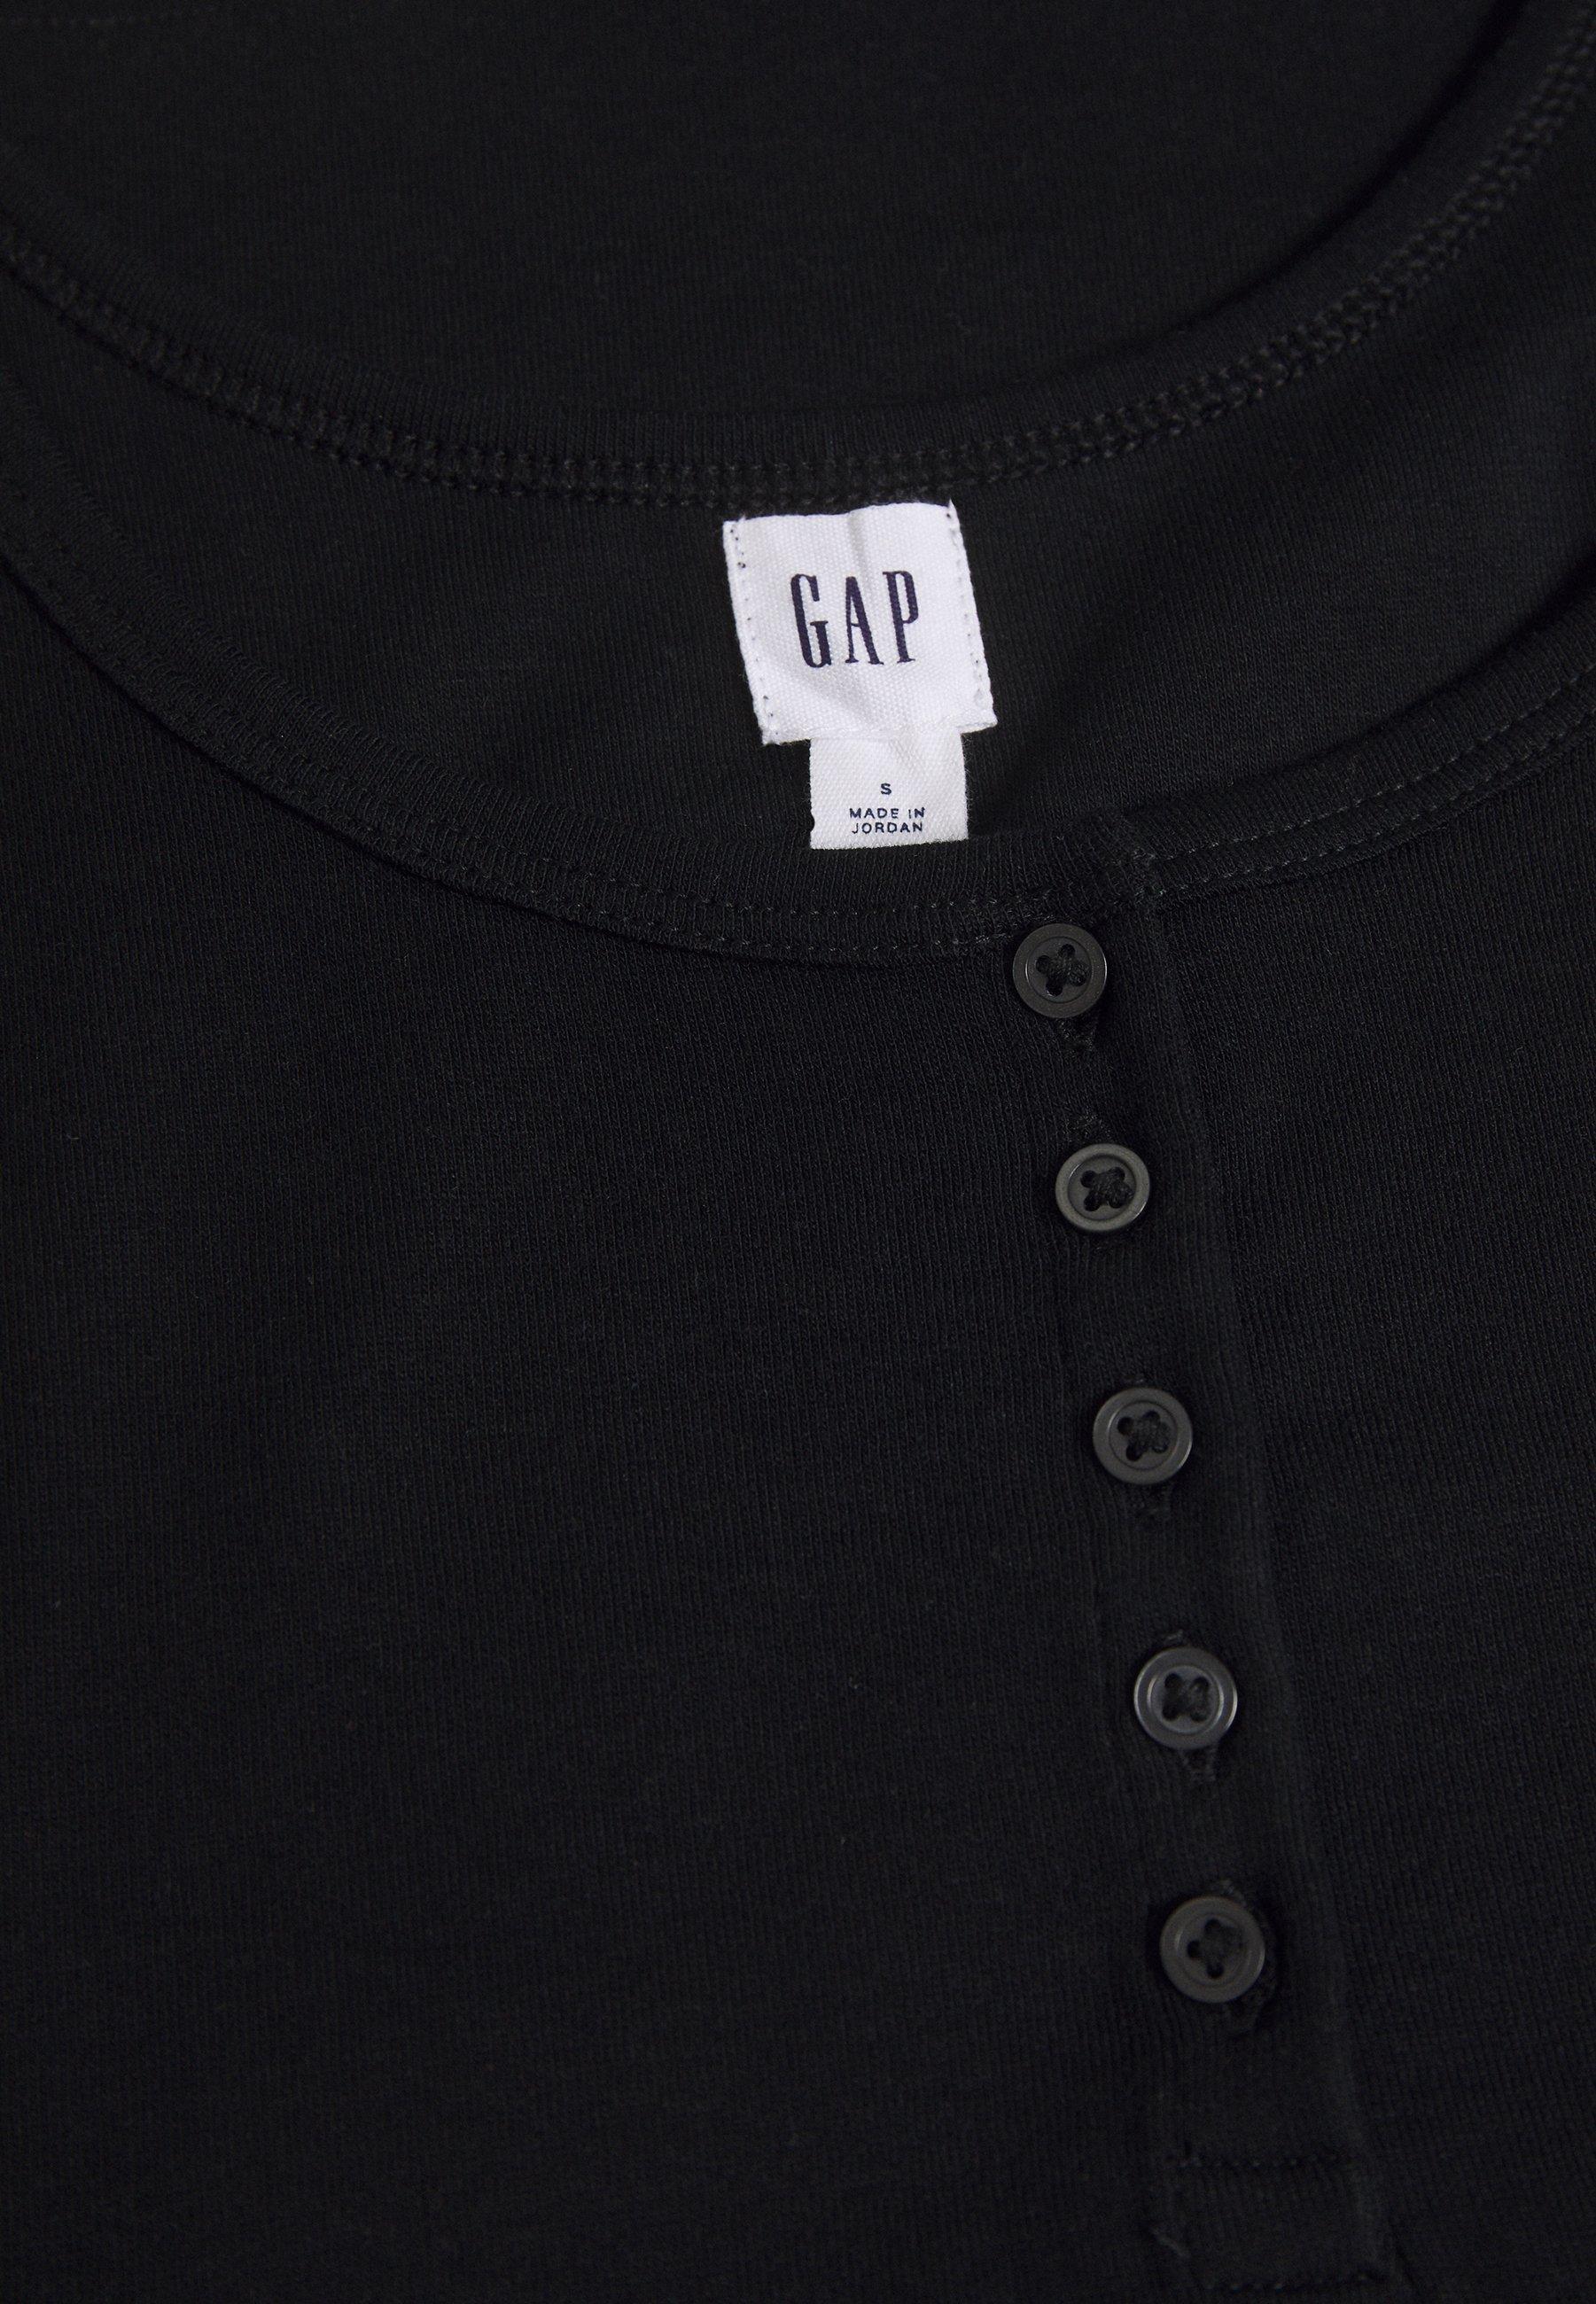 veste femme sans anche gap true black